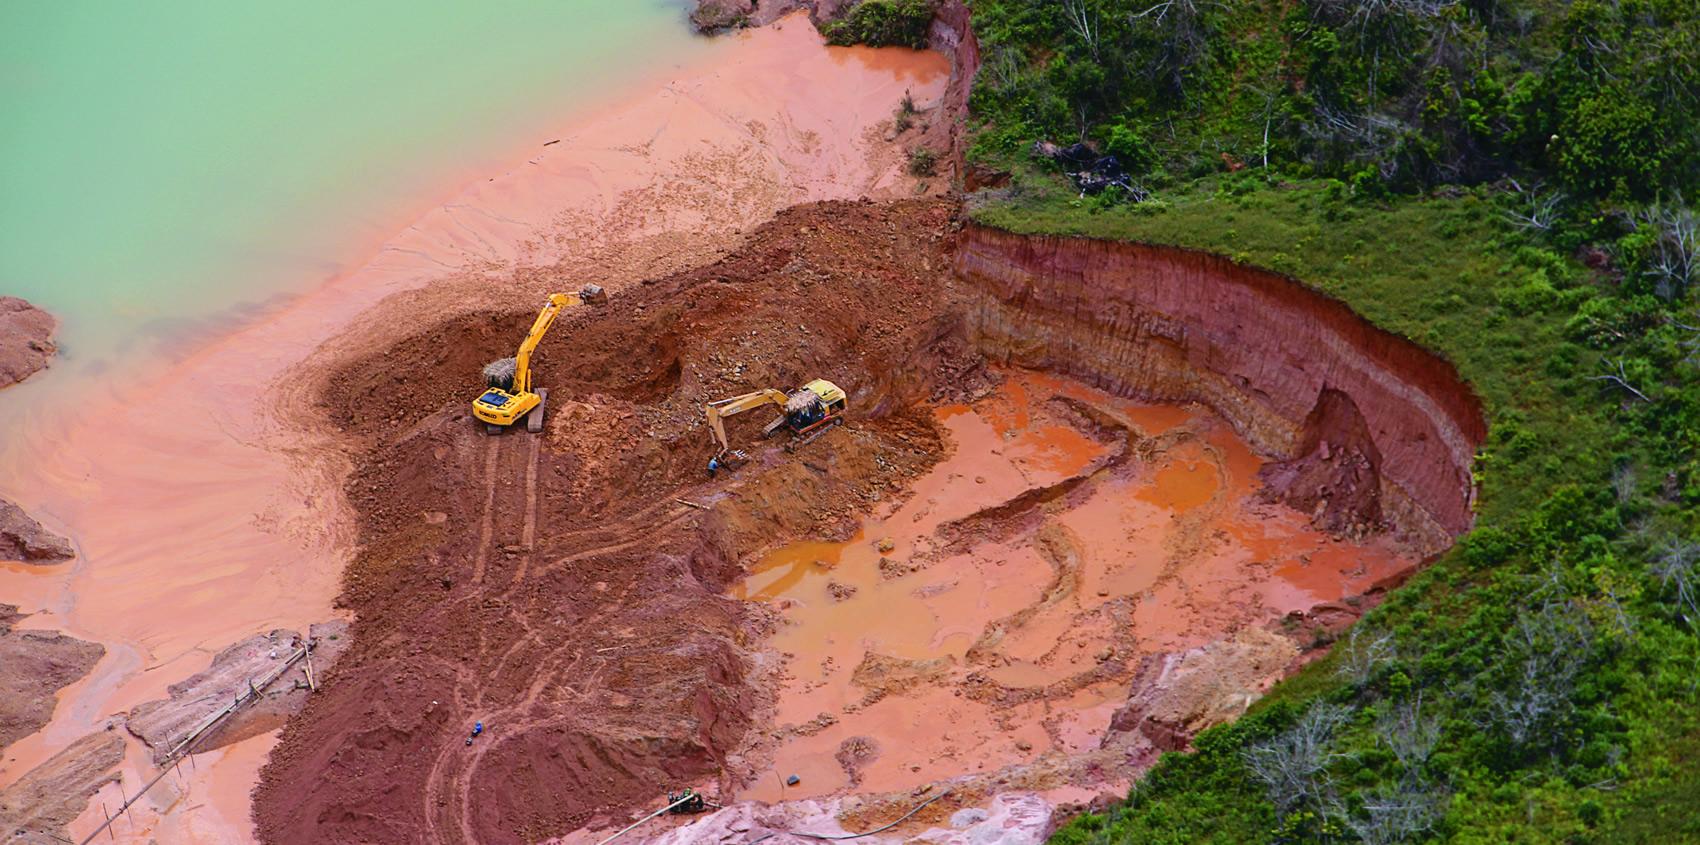 Conservación, la mejor salida para salvar los ecosistemas en Colombia